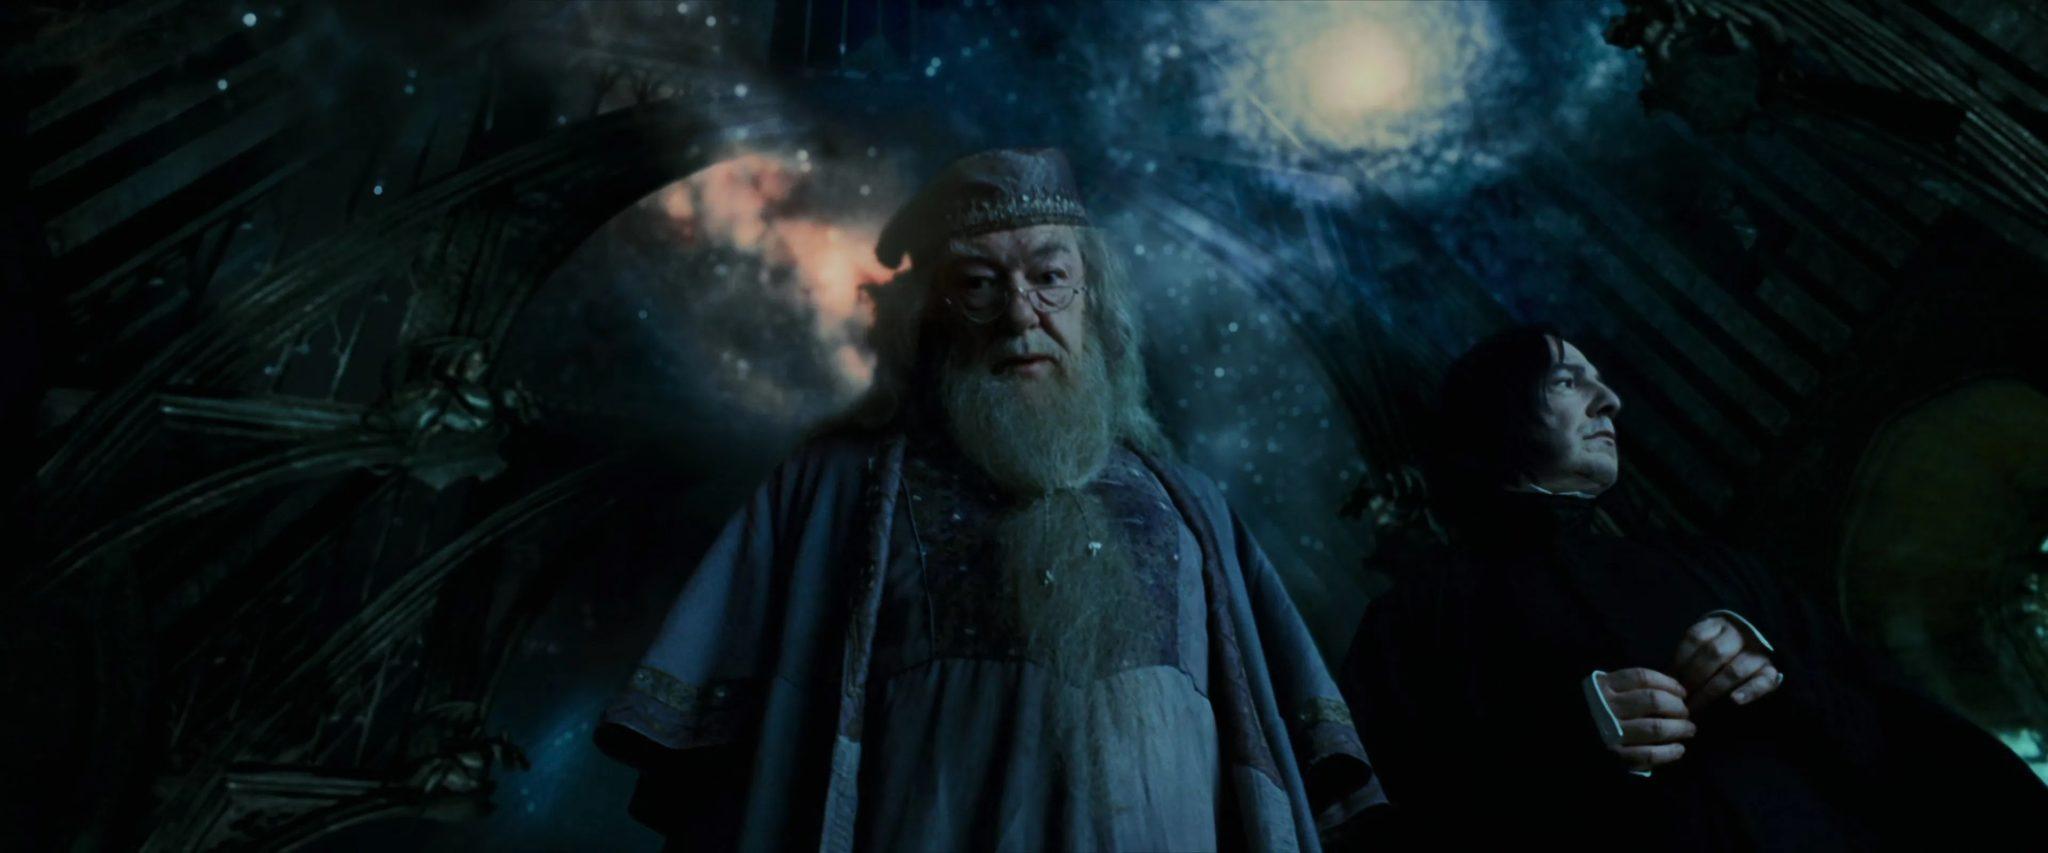 Dumbledore olha para baixo em frente ao céu estrelado do Salão Principal